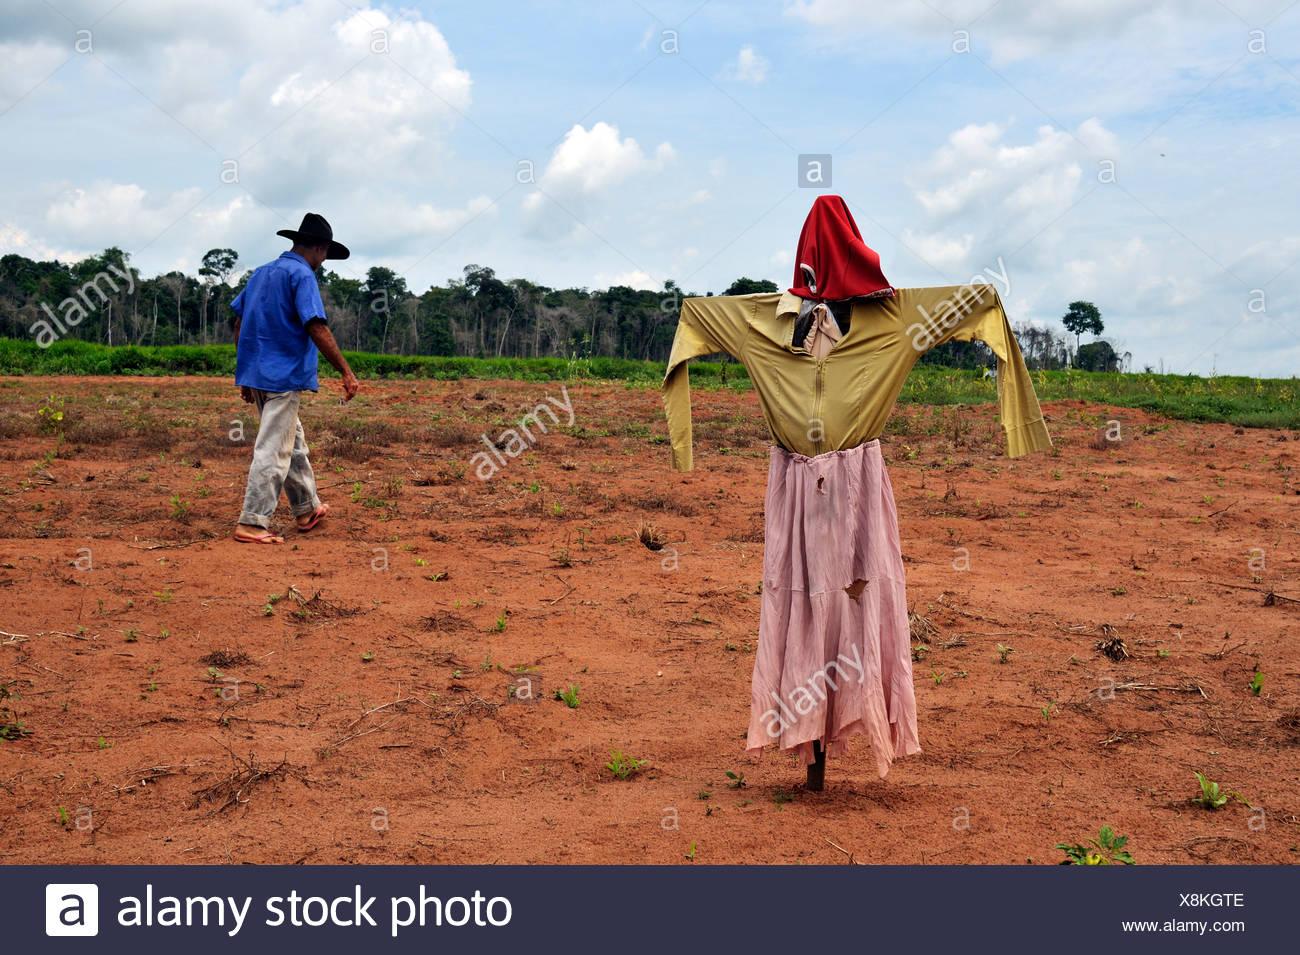 Scarecrow in a field owned by a peasant farmer, Acampamento 12 de Otubro landless camp, Movimento dos Trabalhadores Rurais sem - Stock Image